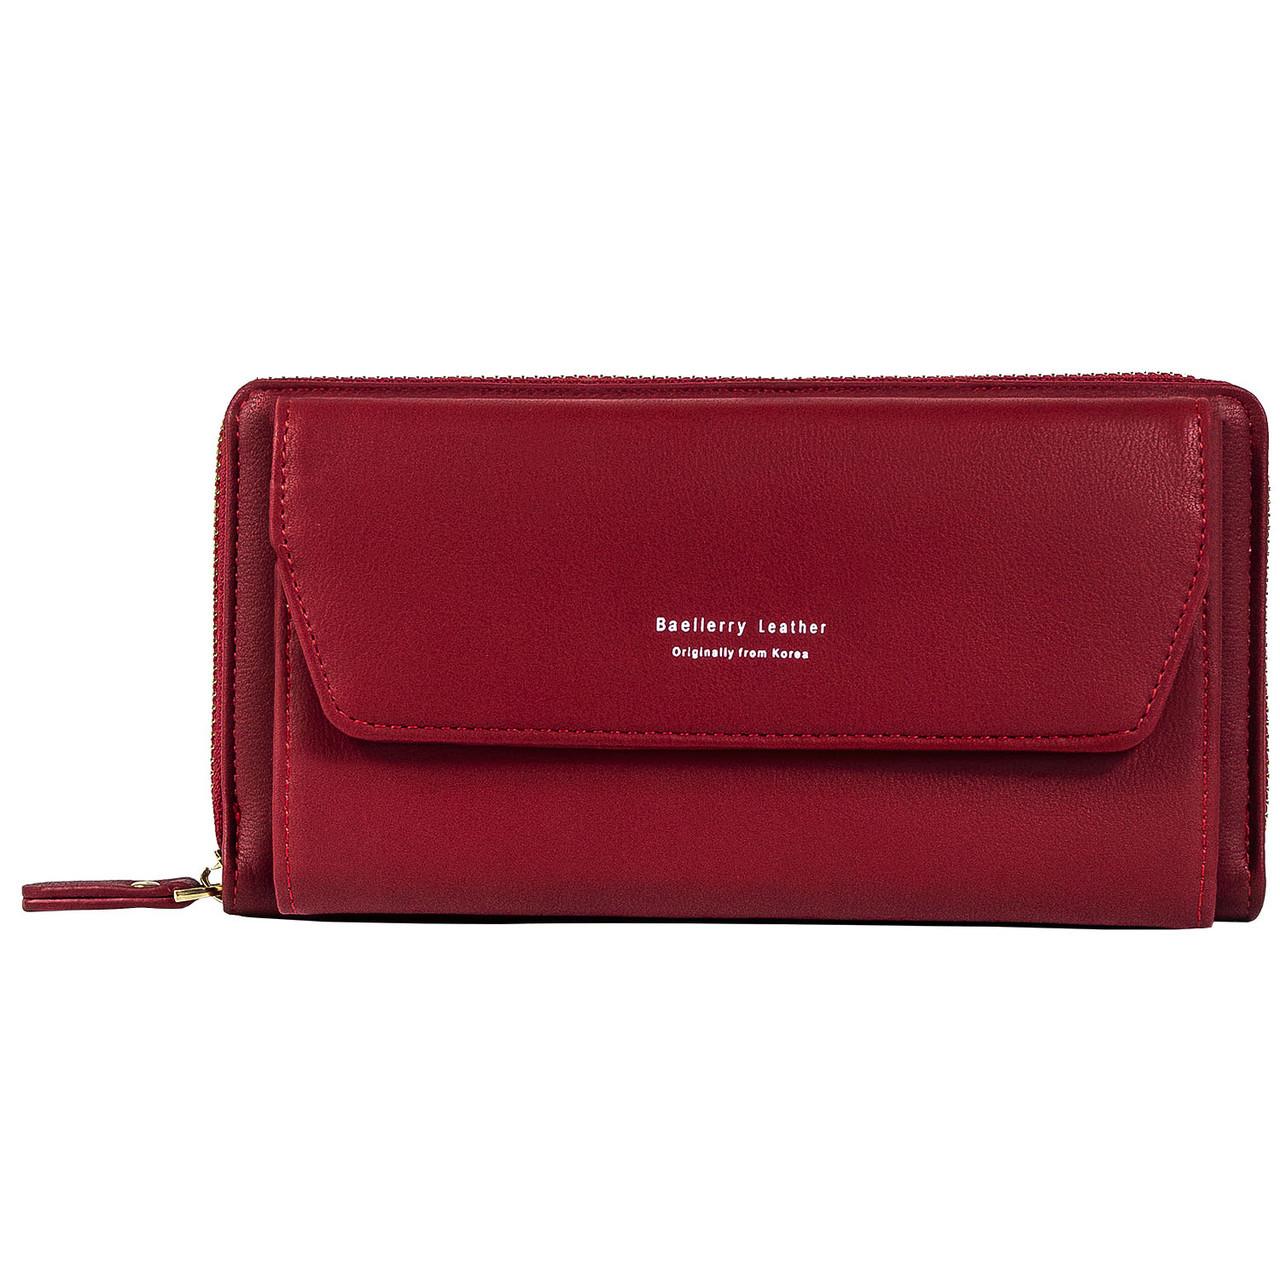 Уценка Женский Кошелек Baellerry Leather с Ремешком Красный